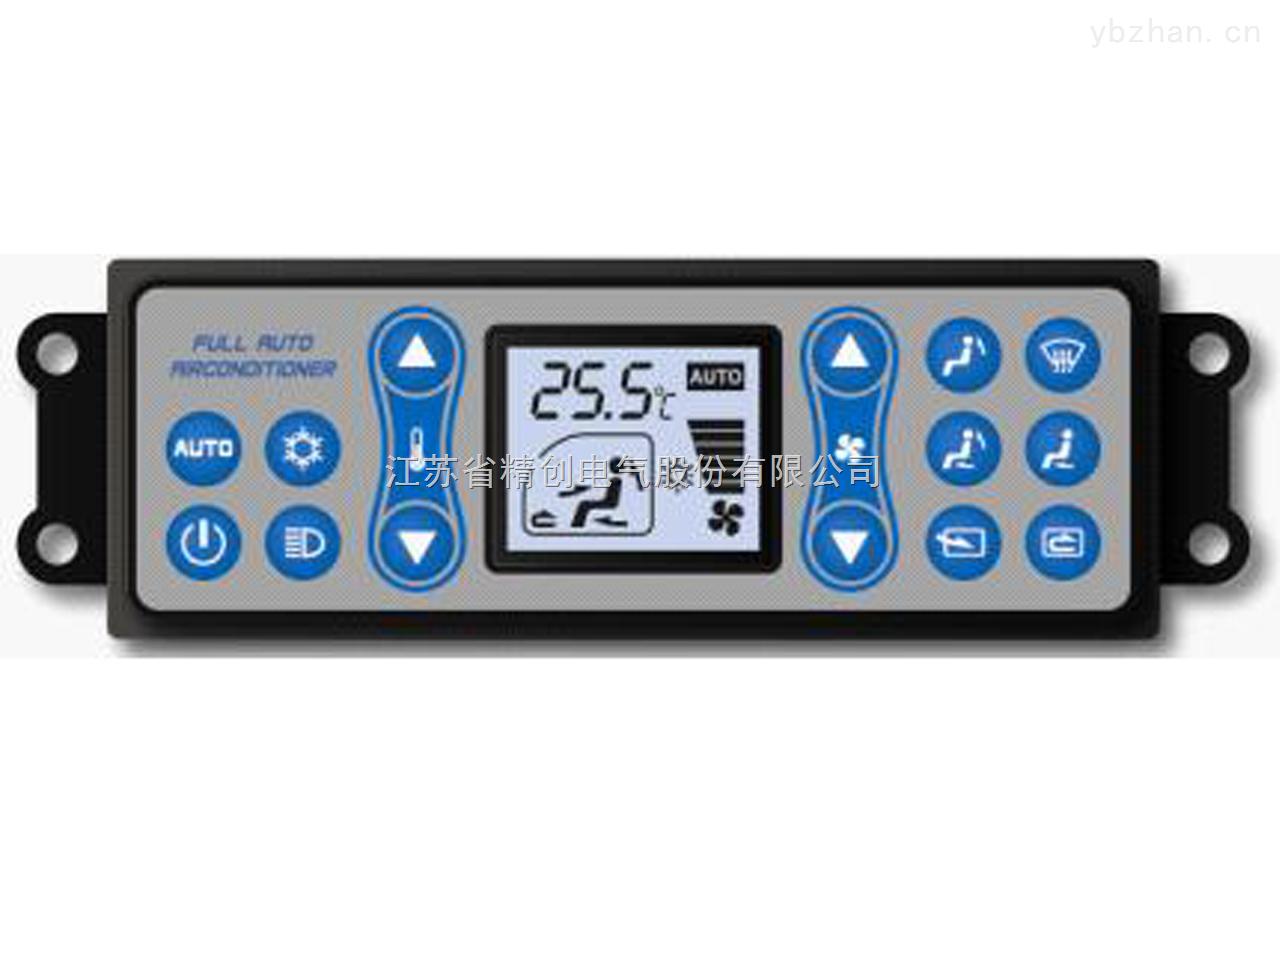 act-003 汽车空调控制器